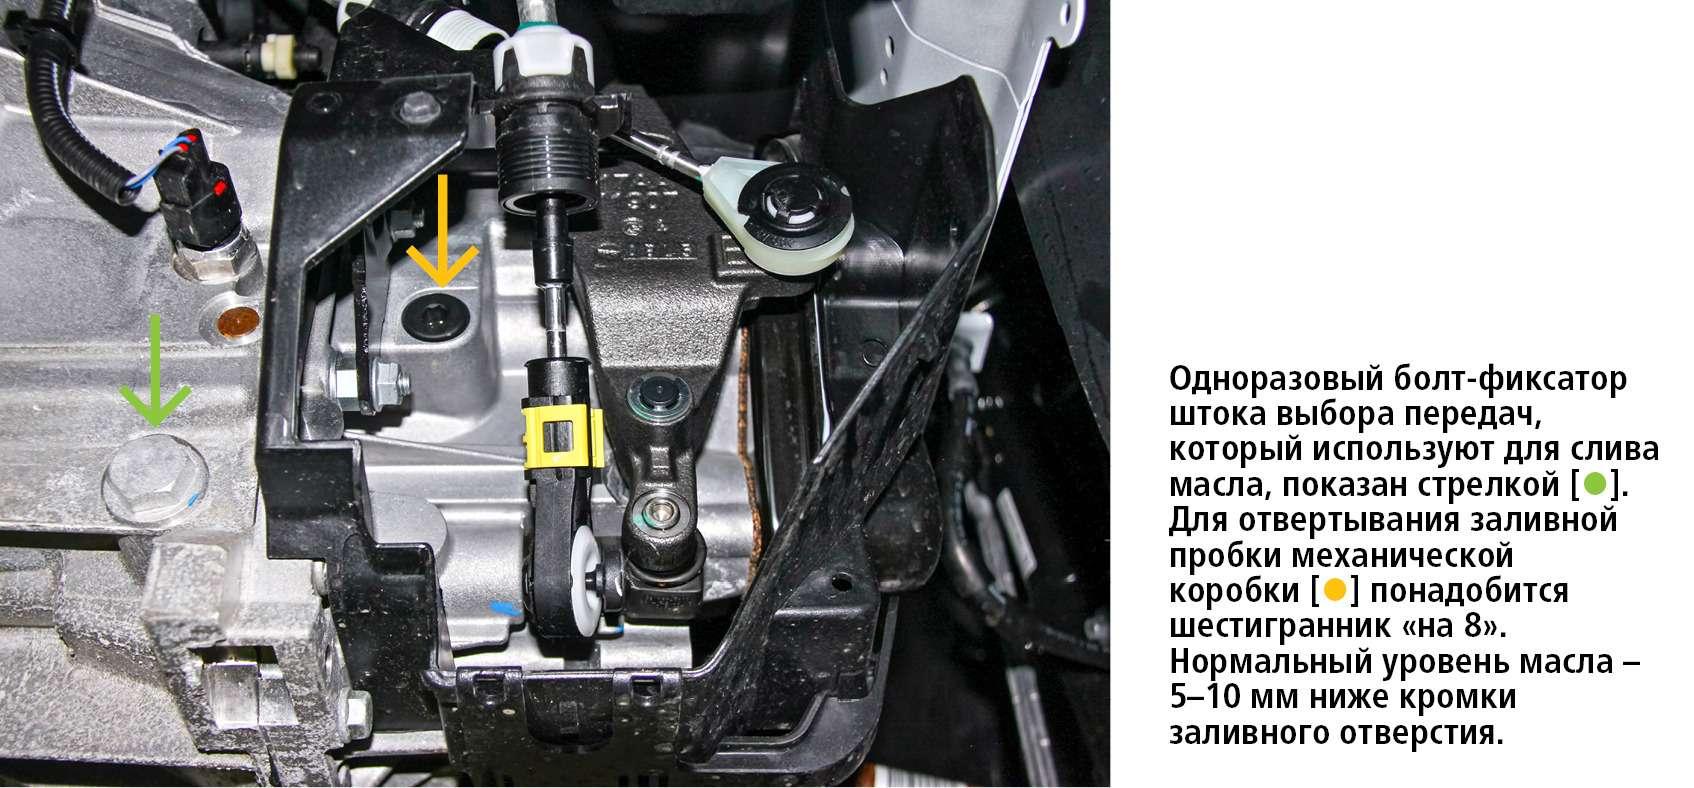 Ford Fiesta: проверка наремонтопригодность— фото 610306